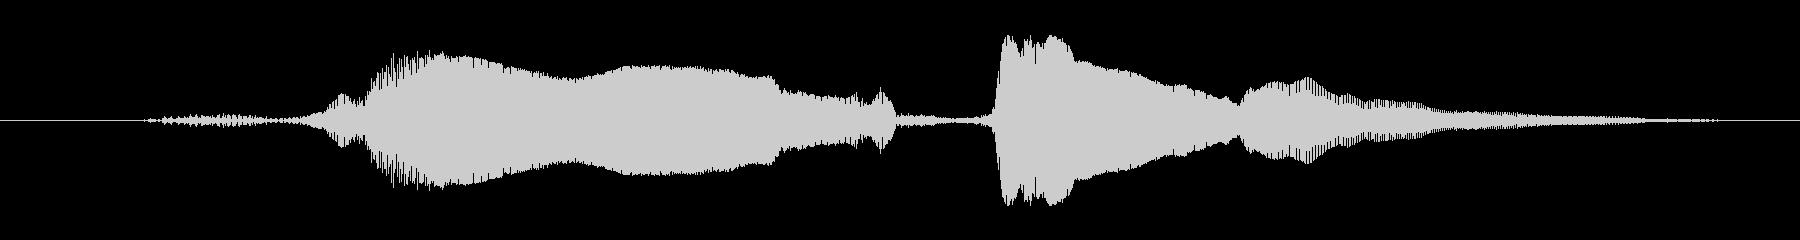 鳴き声 u湖大興奮女性01の未再生の波形